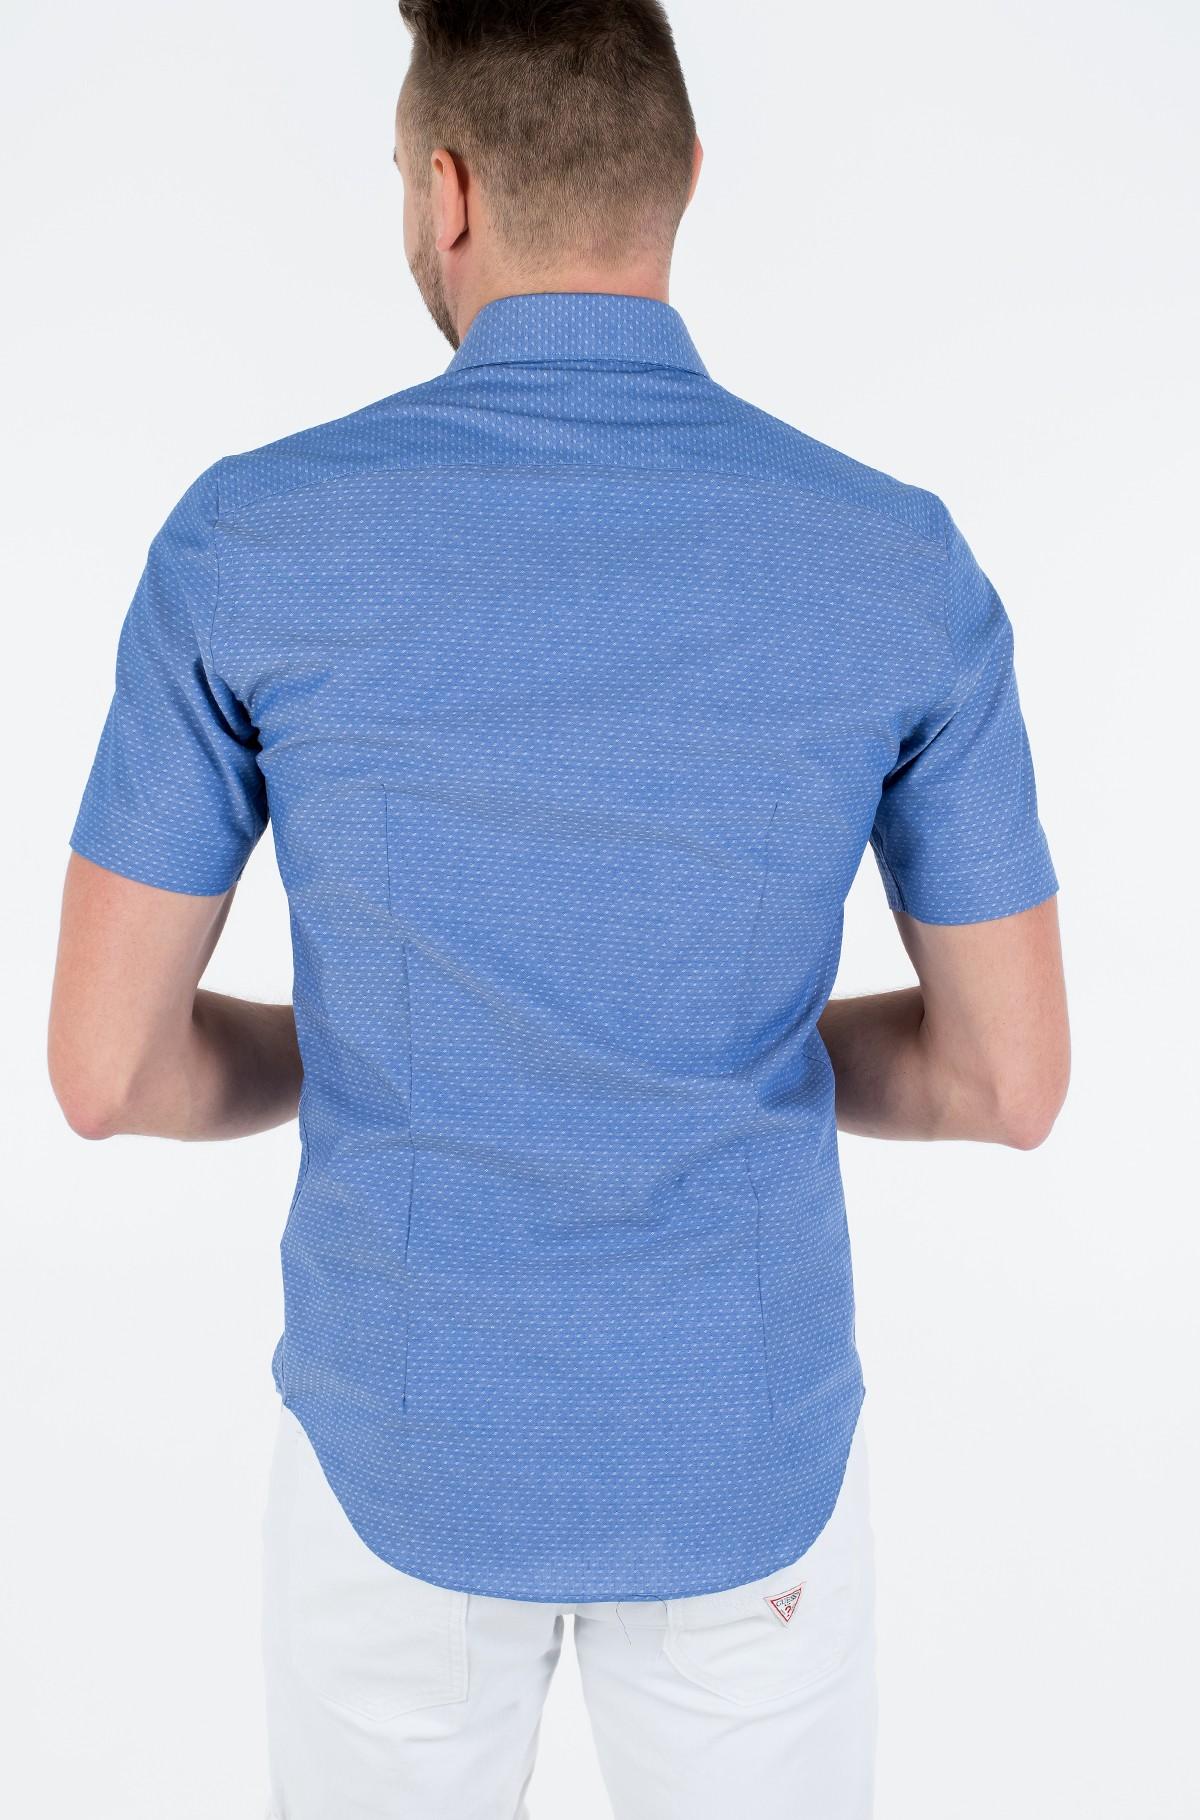 Marškiniai su trumpomis rankovėmis DOBBY CLASSIC S/S SLIM SHIRT-full-2